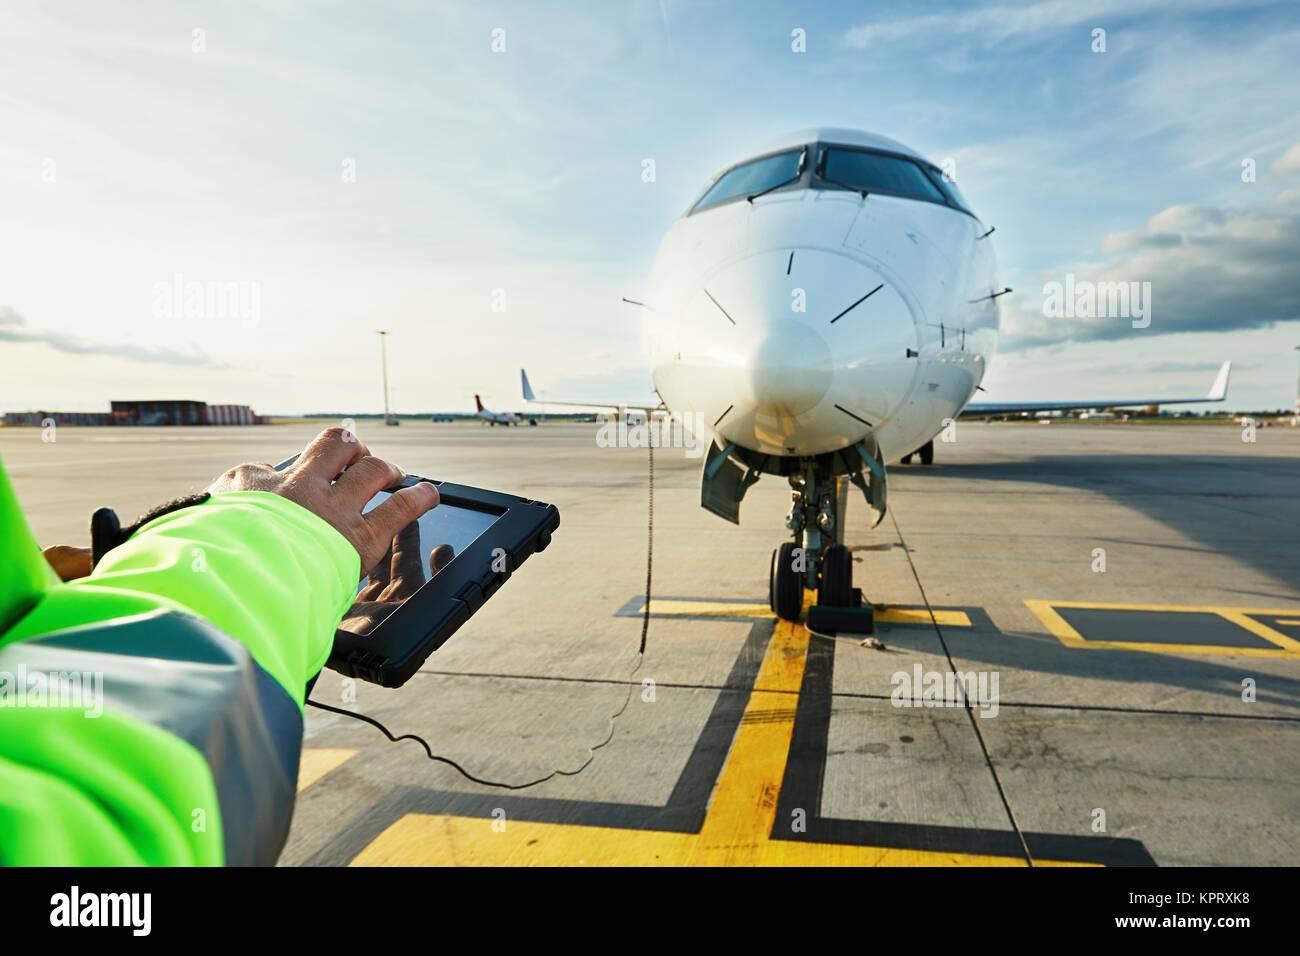 La tecnología moderna en el aeropuerto. Miembro del personal de tierra preparando el avión antes del vuelo. Imagen De Stock